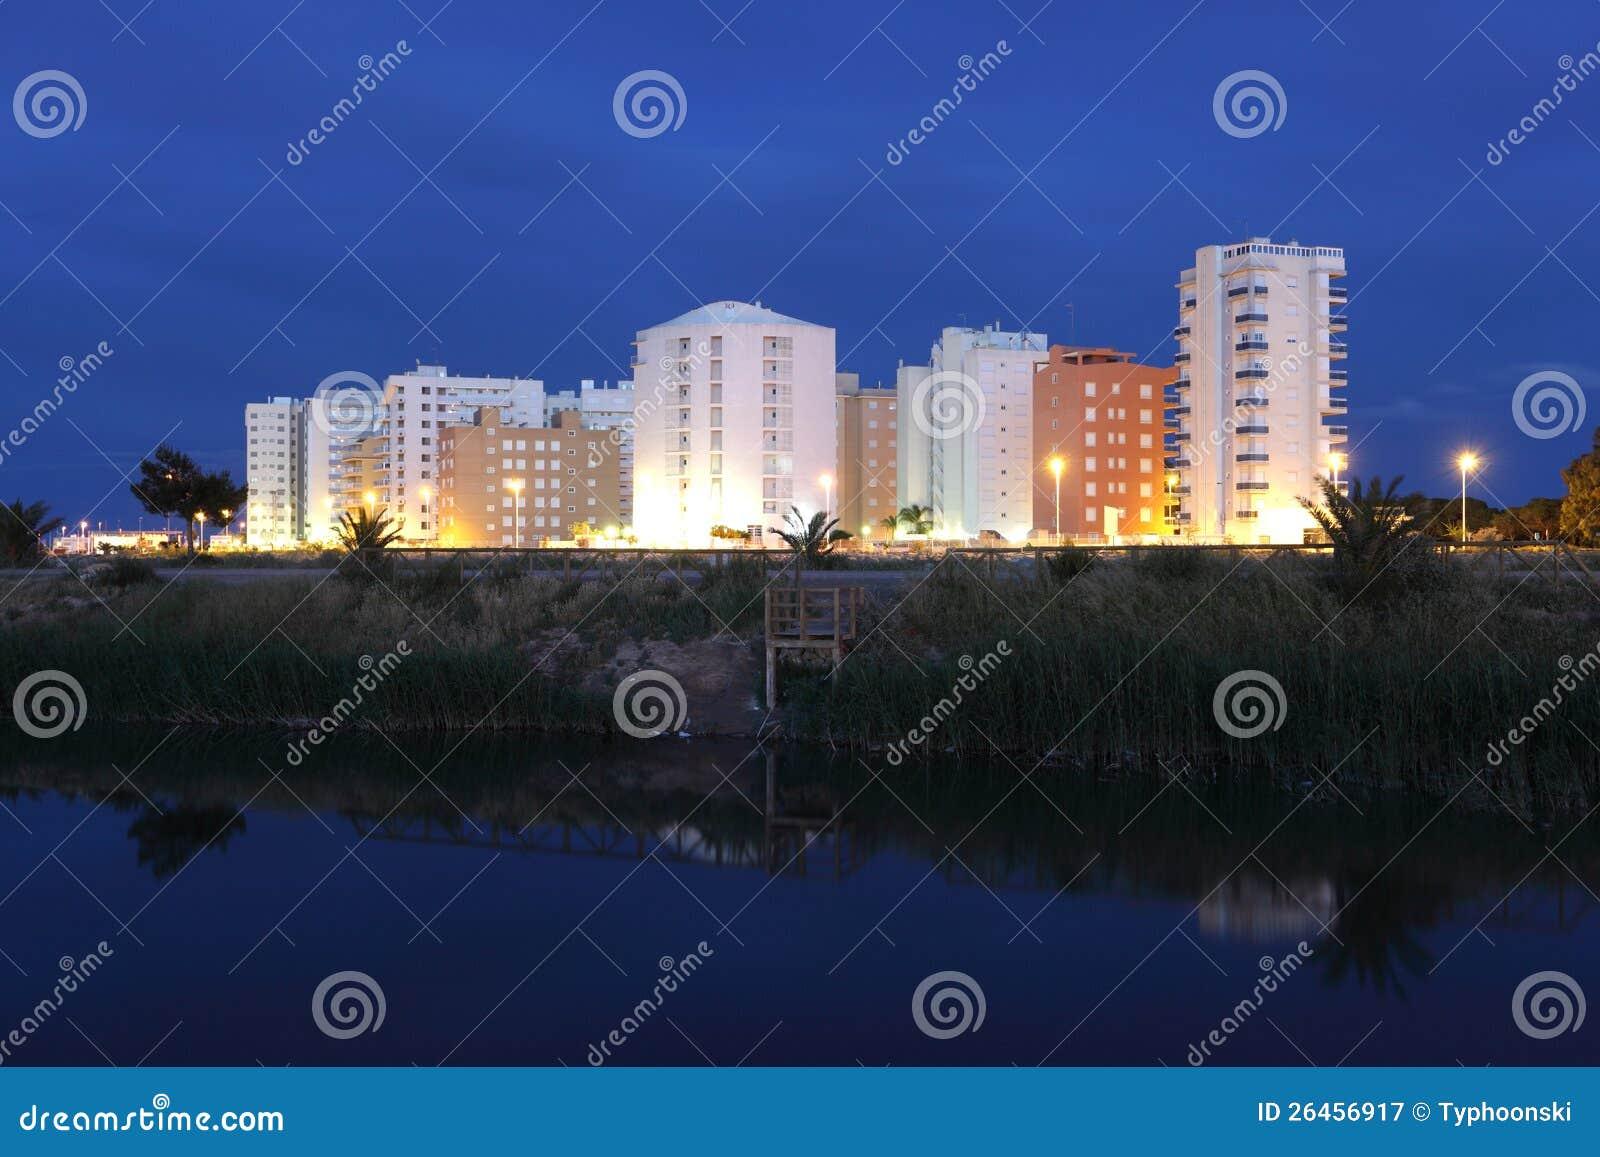 Wohngebäude nachts